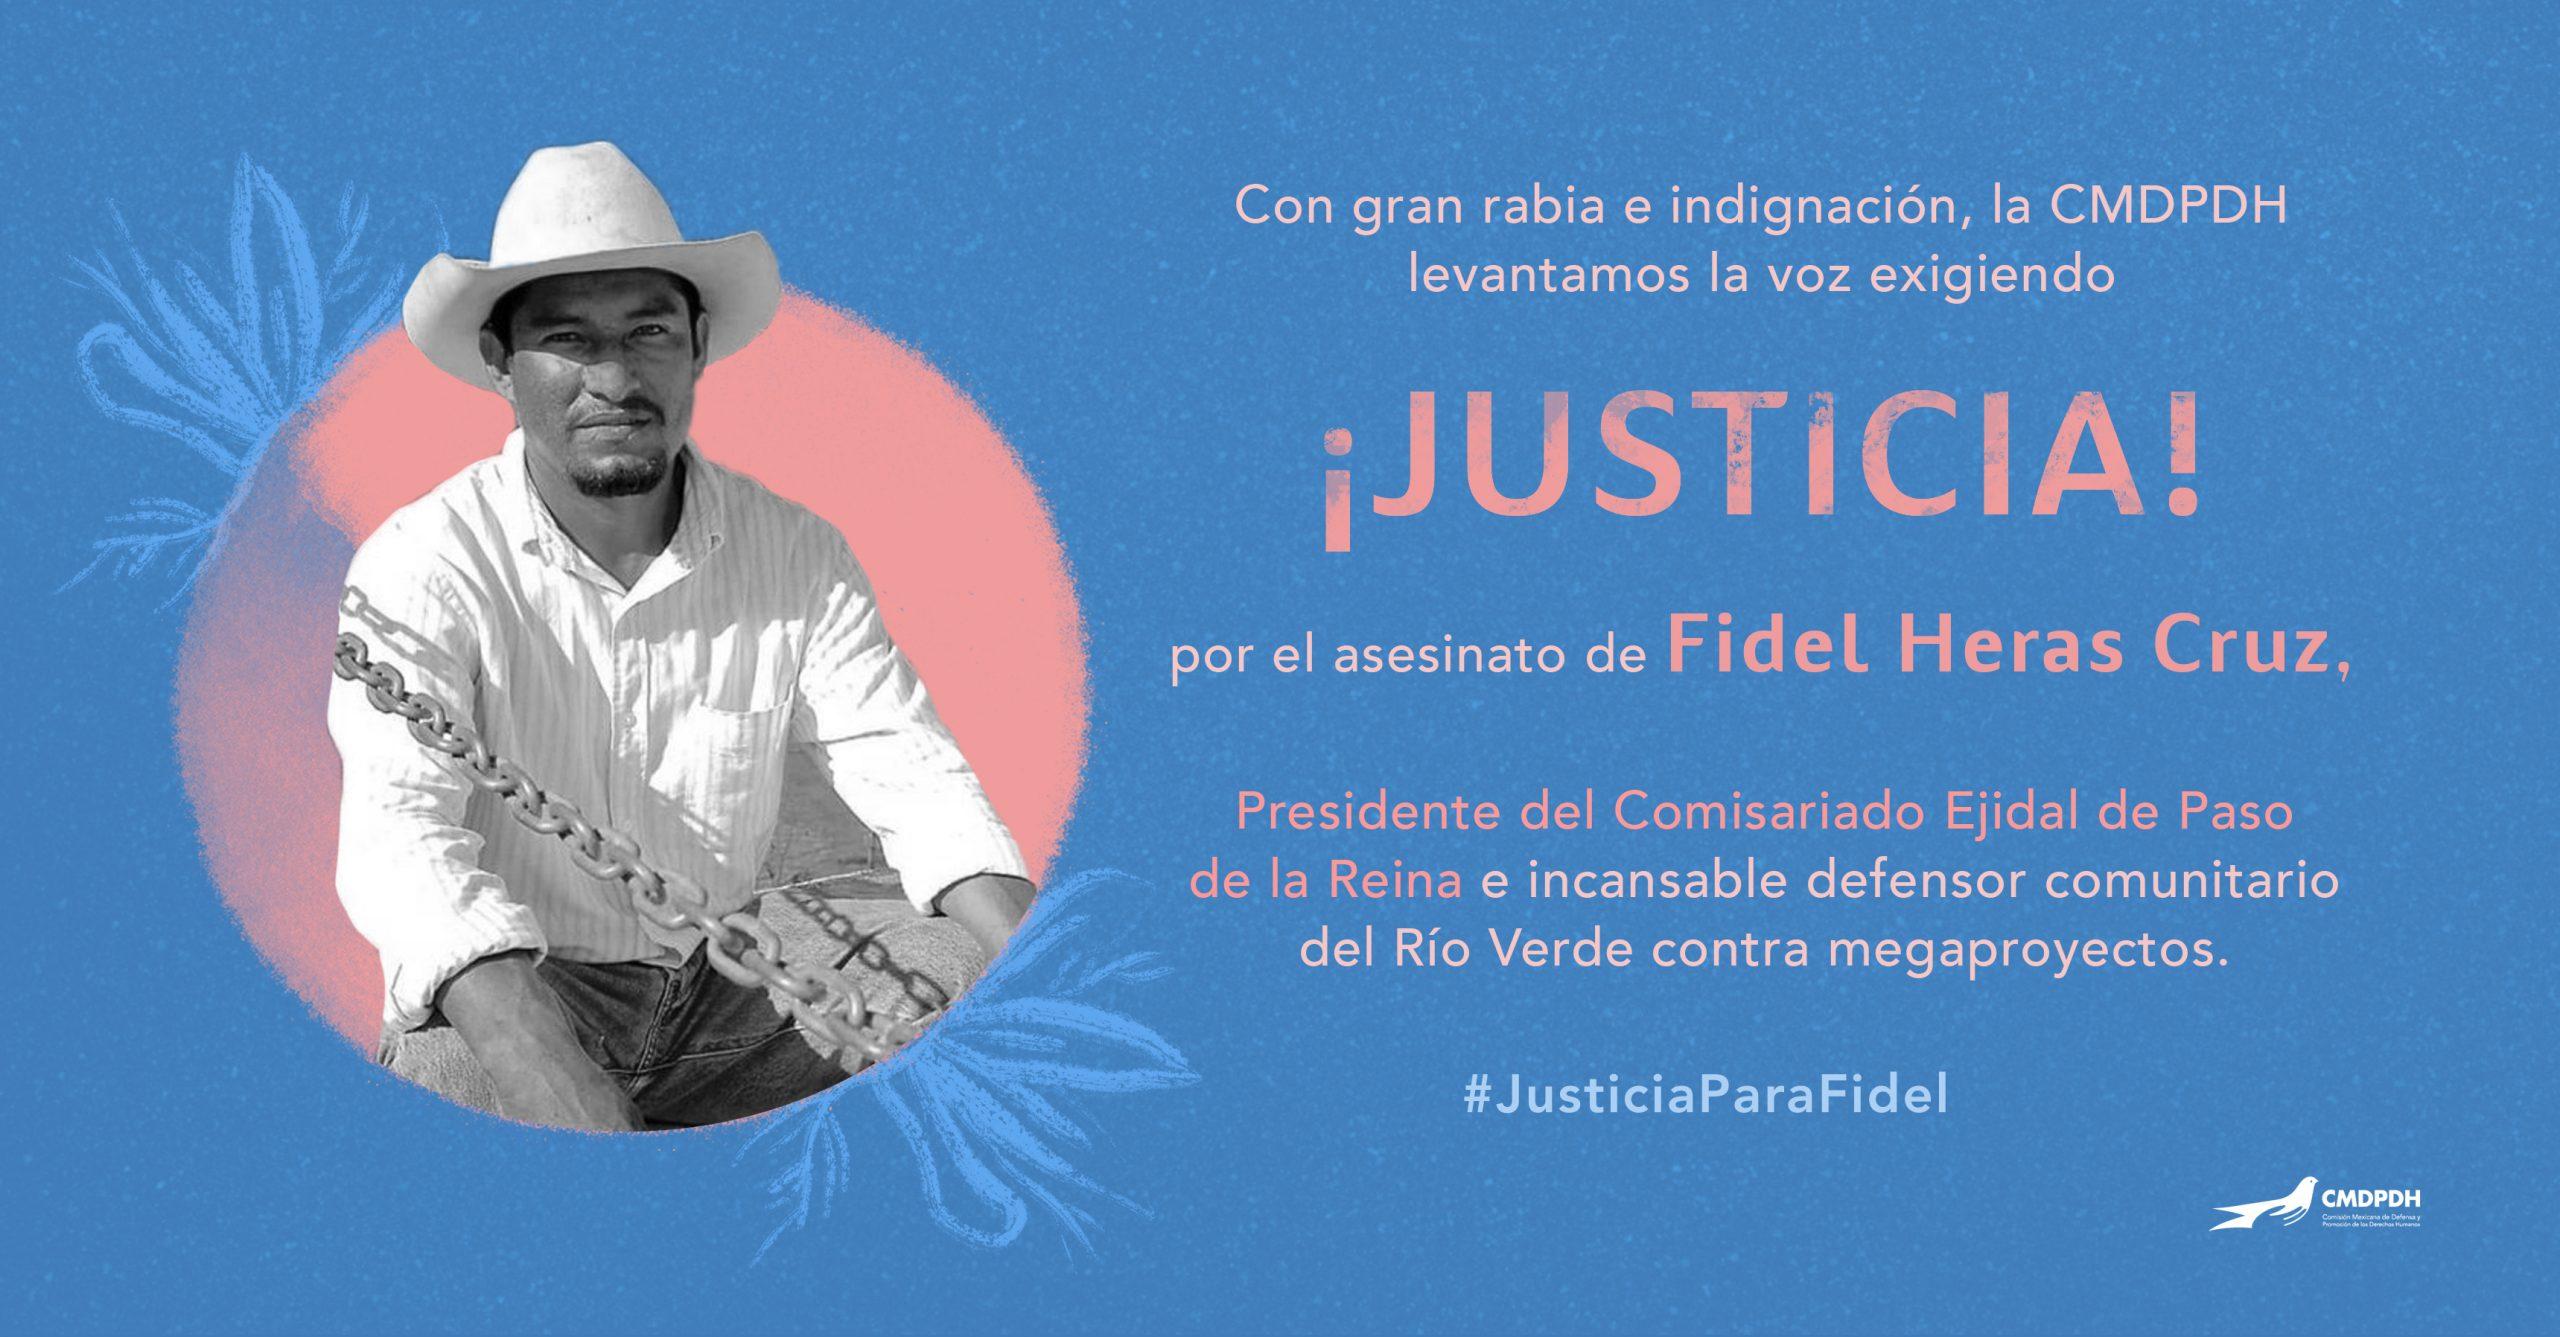 Fidel Heras defensor comunitario 1